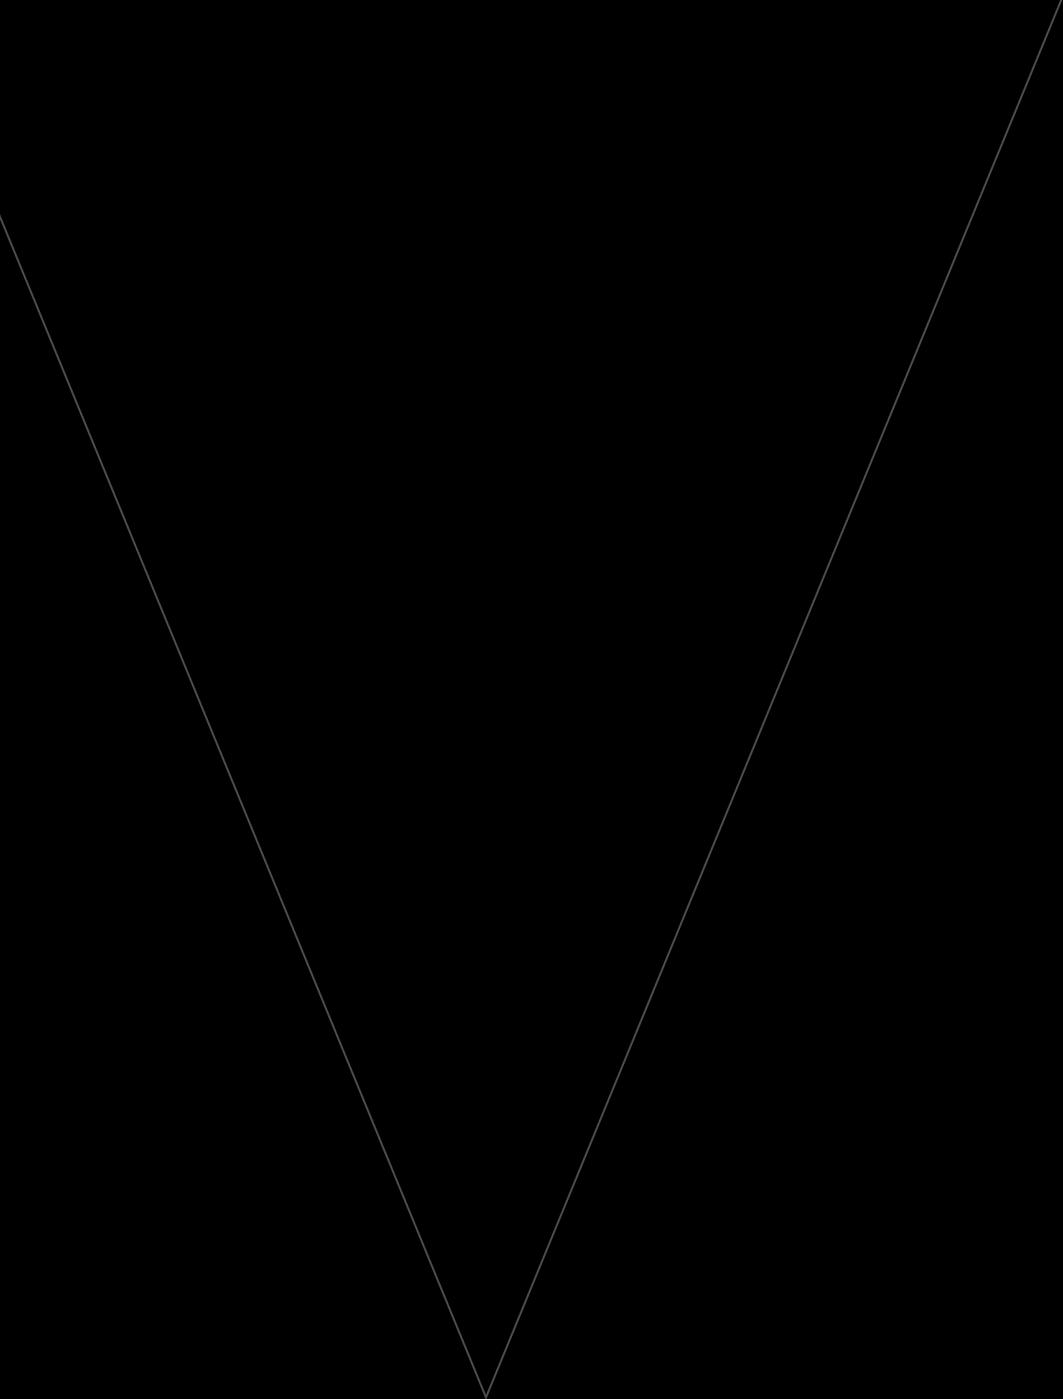 Vイメージパソコン